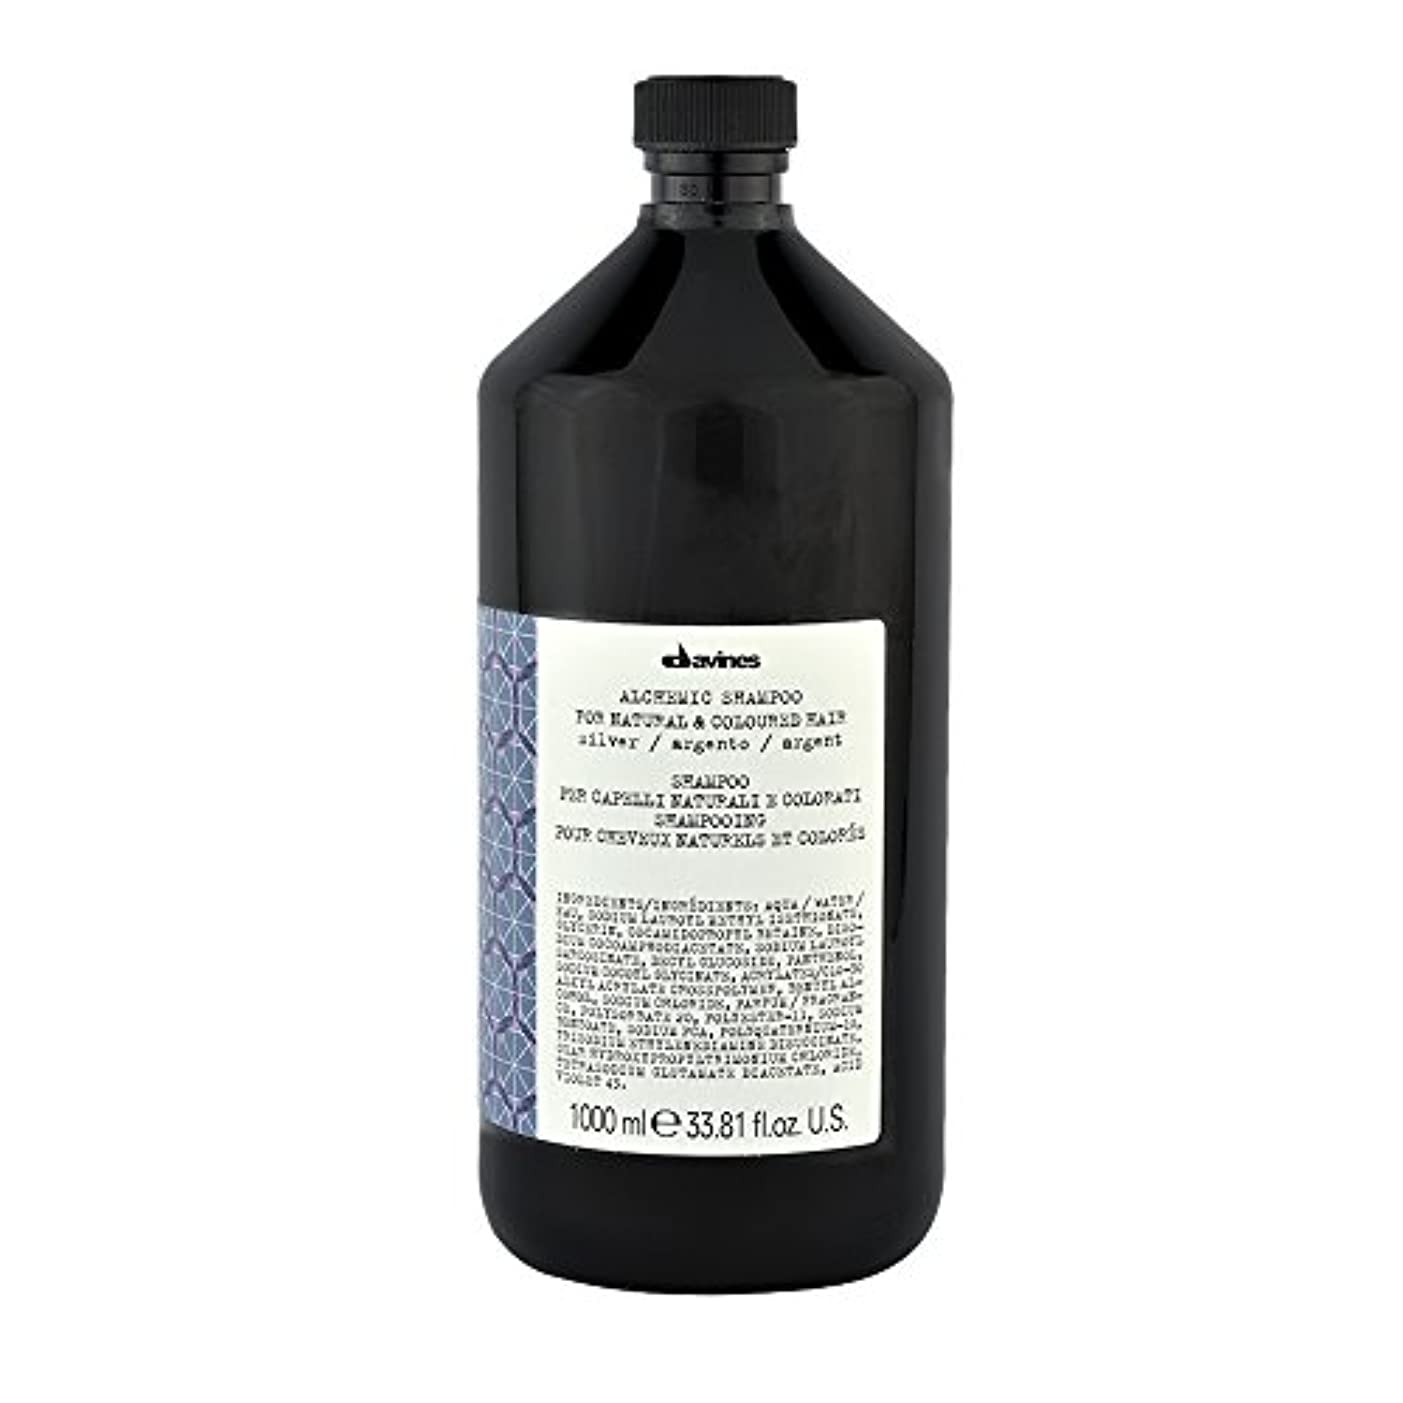 ミスペンド戸口リベラルダヴィネス Alchemic Conditioner - # Silver (For Natural & Coloured Hair) 1000ml/33.81oz並行輸入品